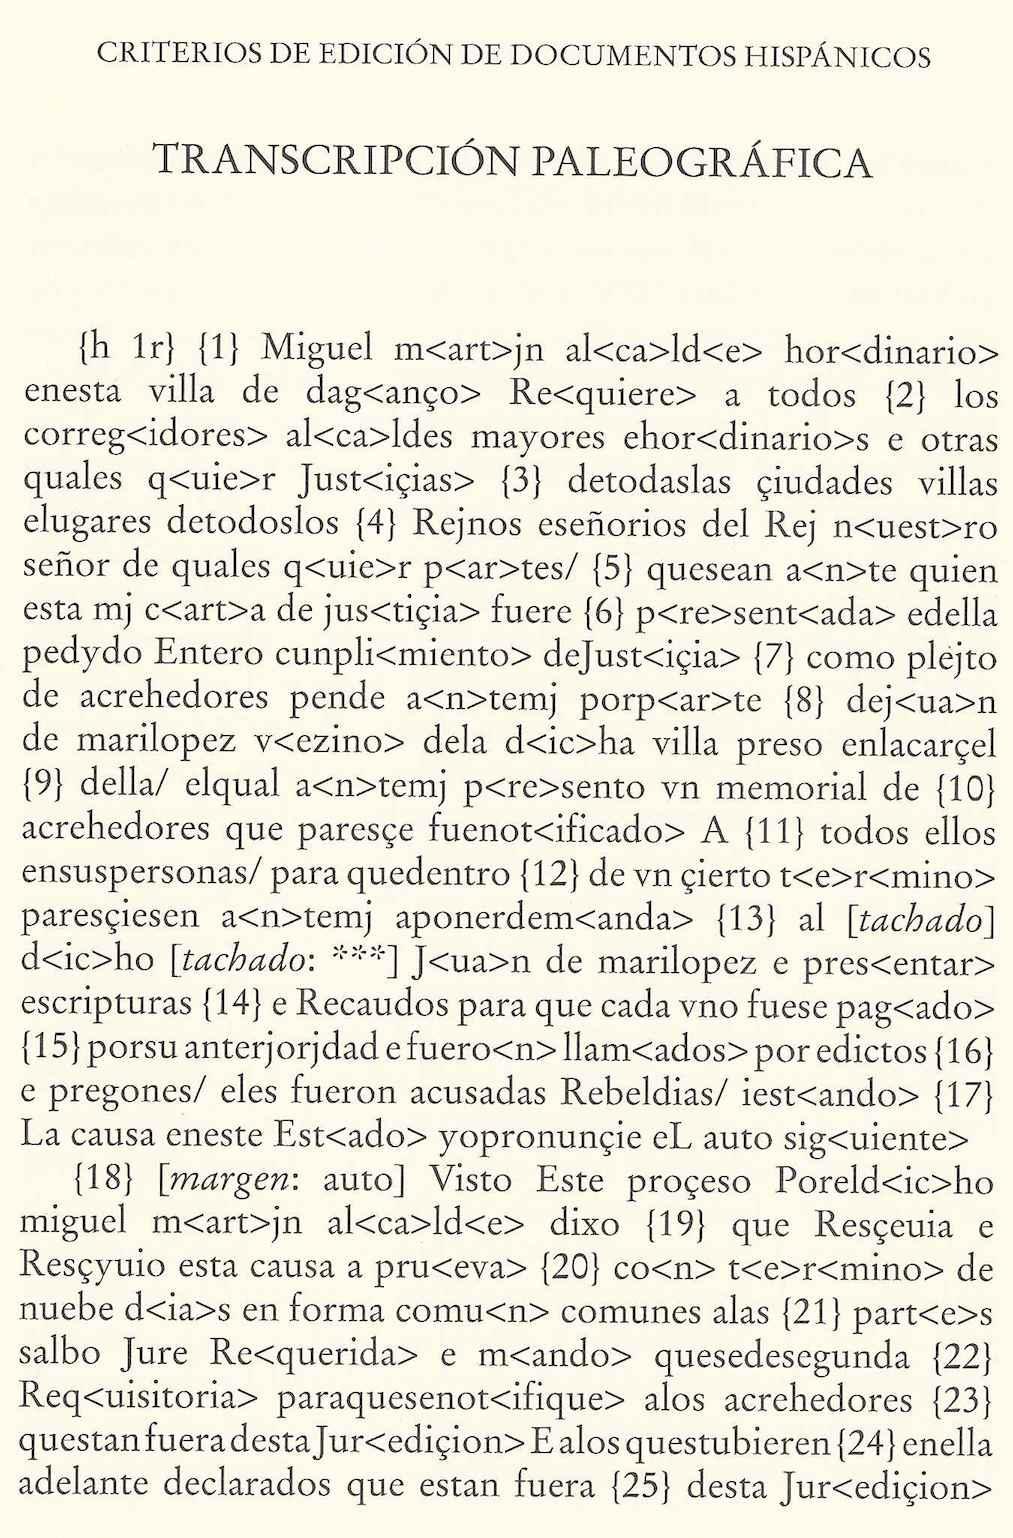 Transcripción paleográfica de 1589 (Sánchez-Prieto 2011: 73)